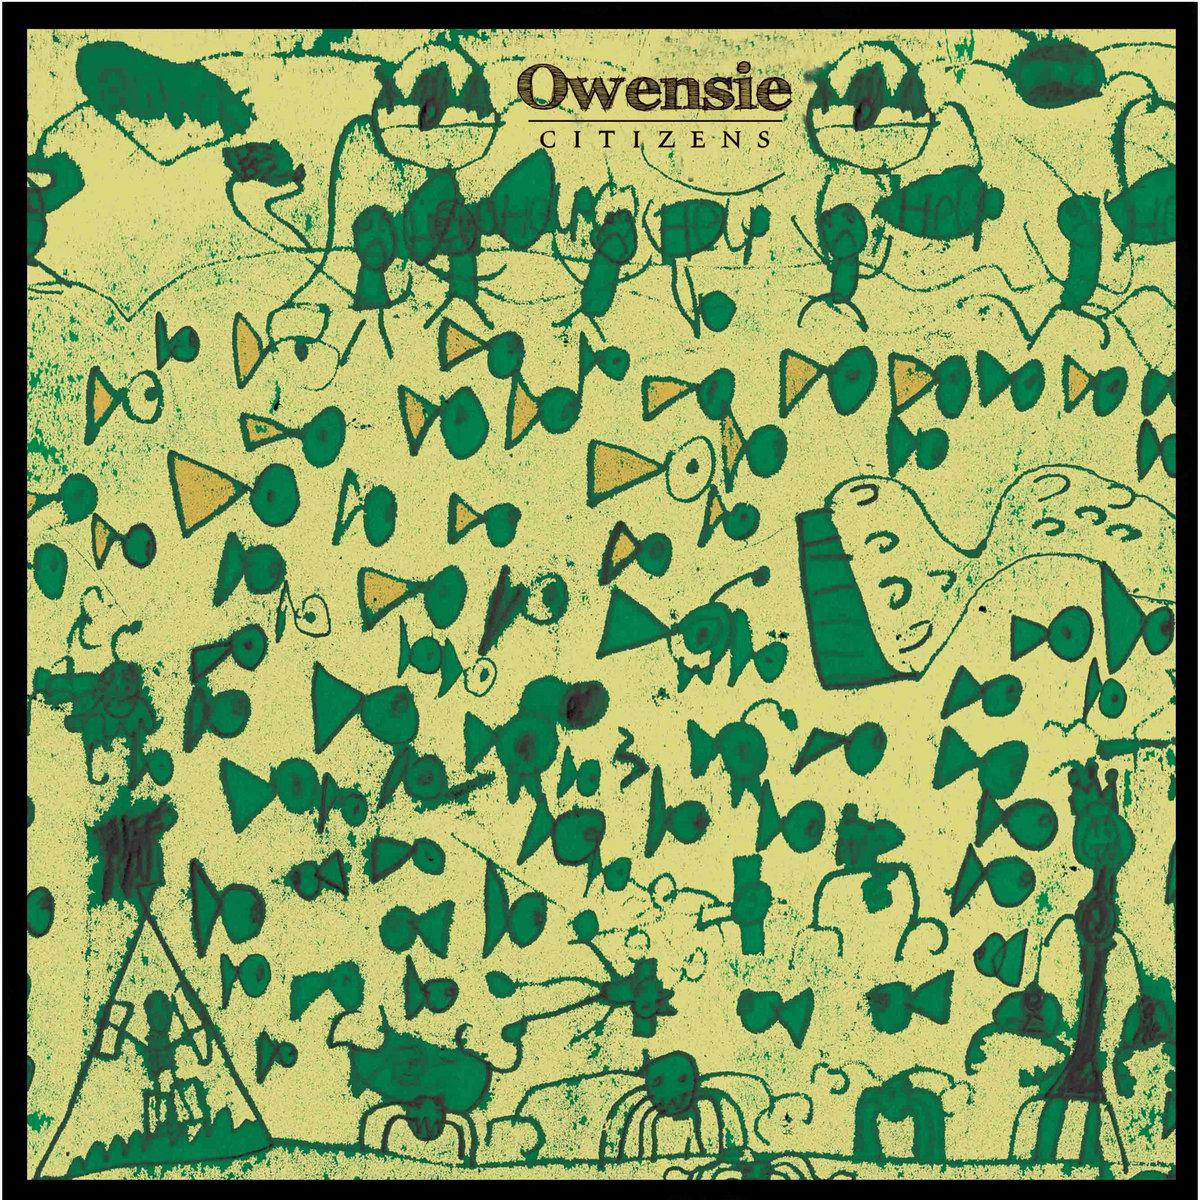 Citizens | Owensie